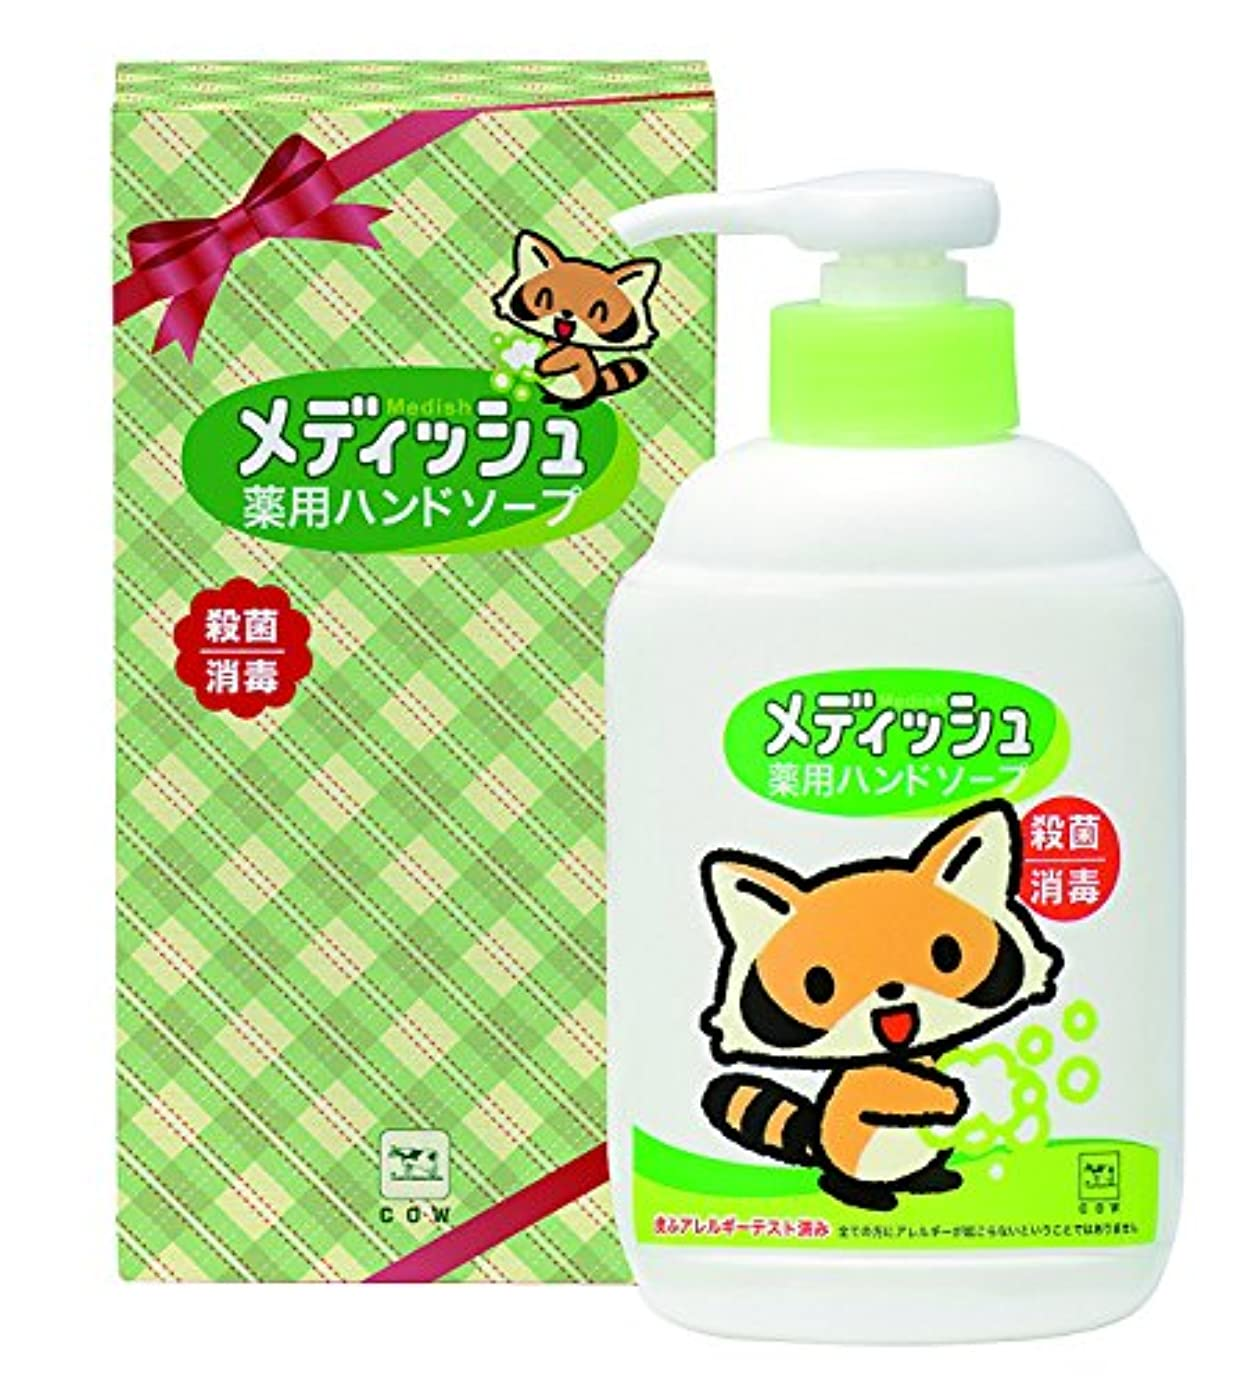 牛乳石鹸 メディッシュ 薬用ハンドソープ 250mlMS35